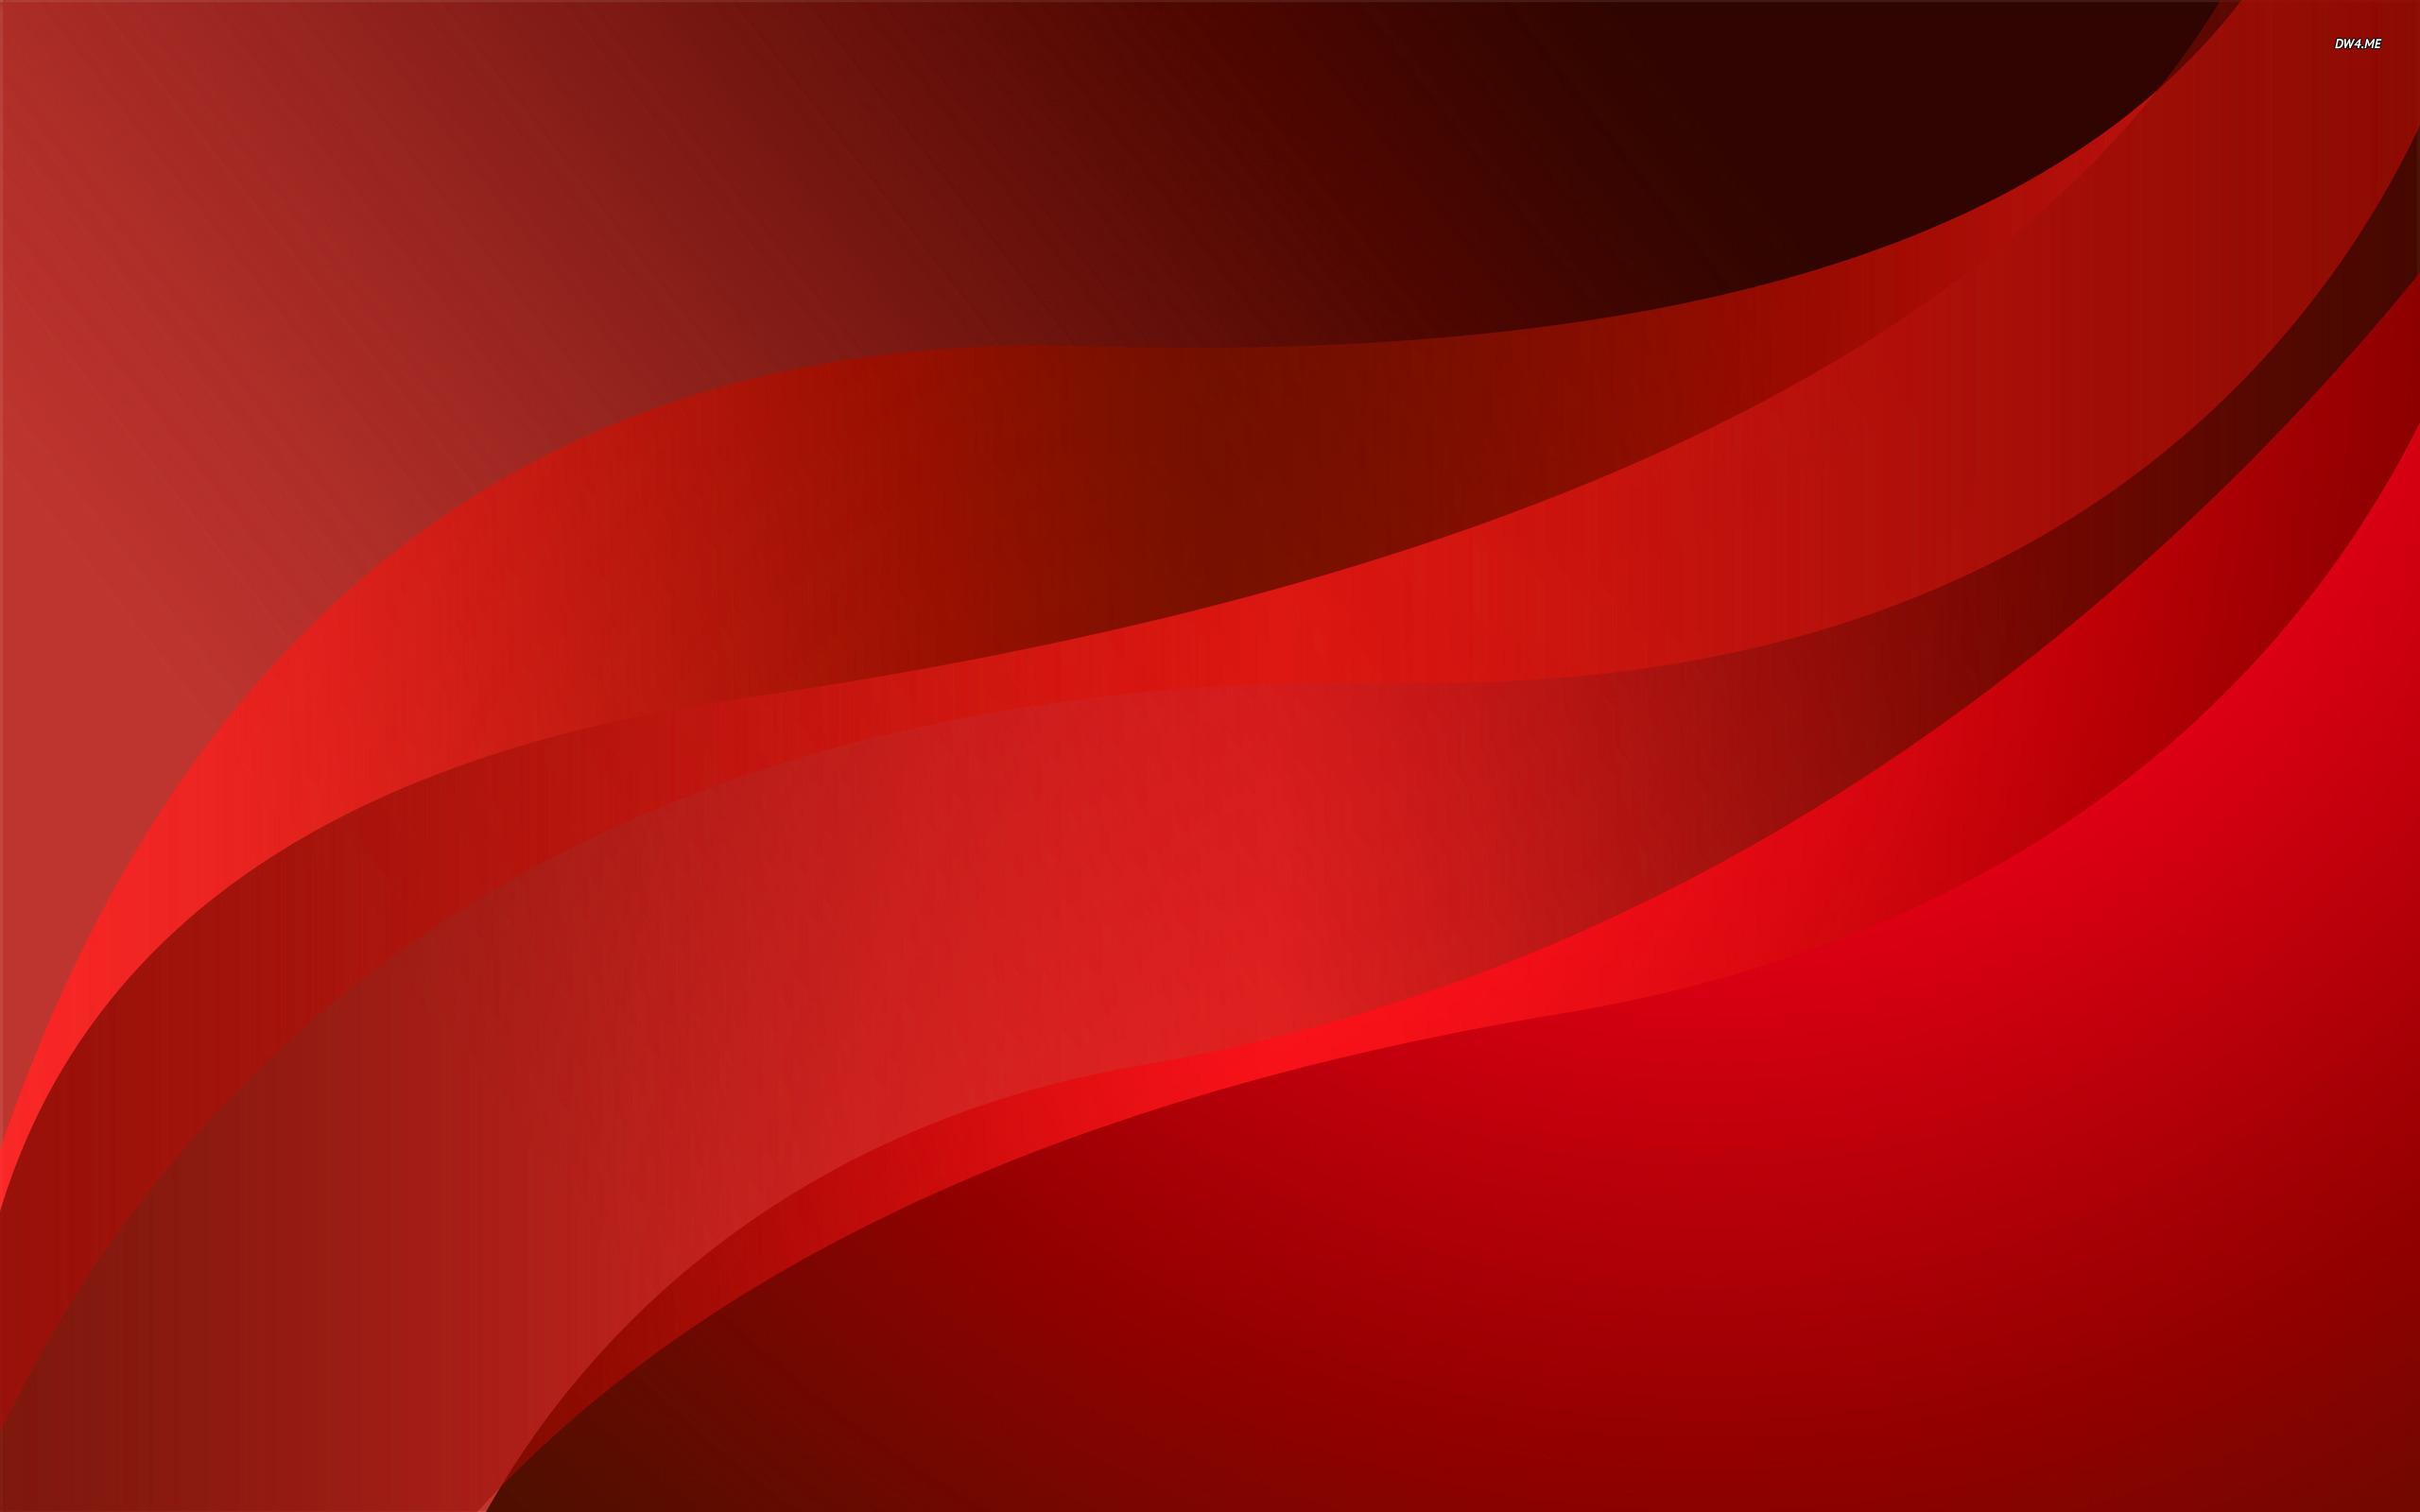 Hình nền màu đỏ đơn giản đẹp nhất